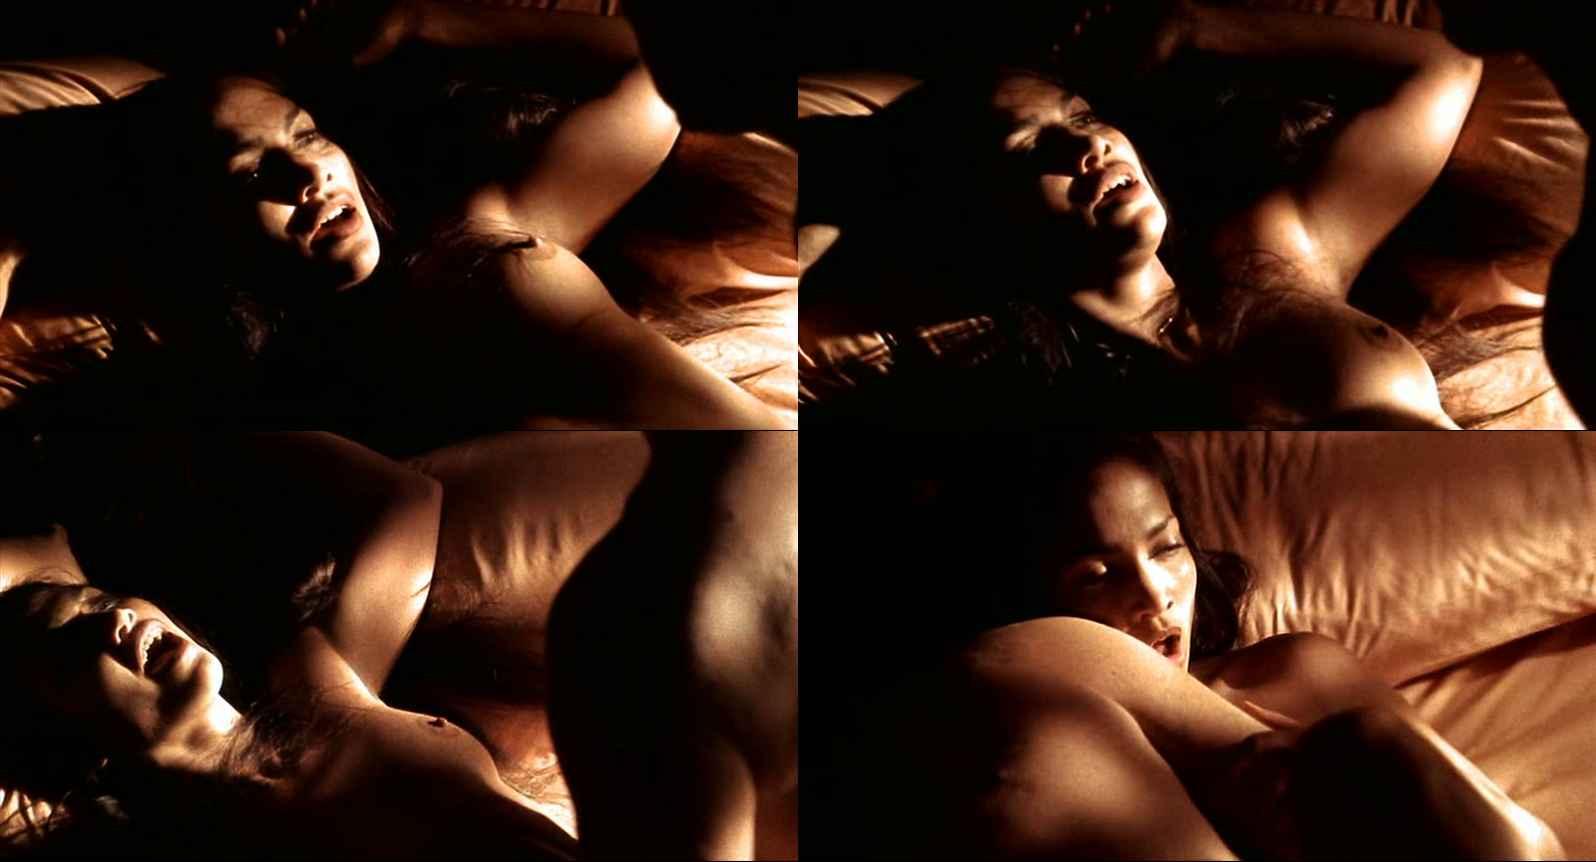 Эротика дженифер лопес голая, Невероятно сексуальная задница Jennifer Lopez 12 фотография